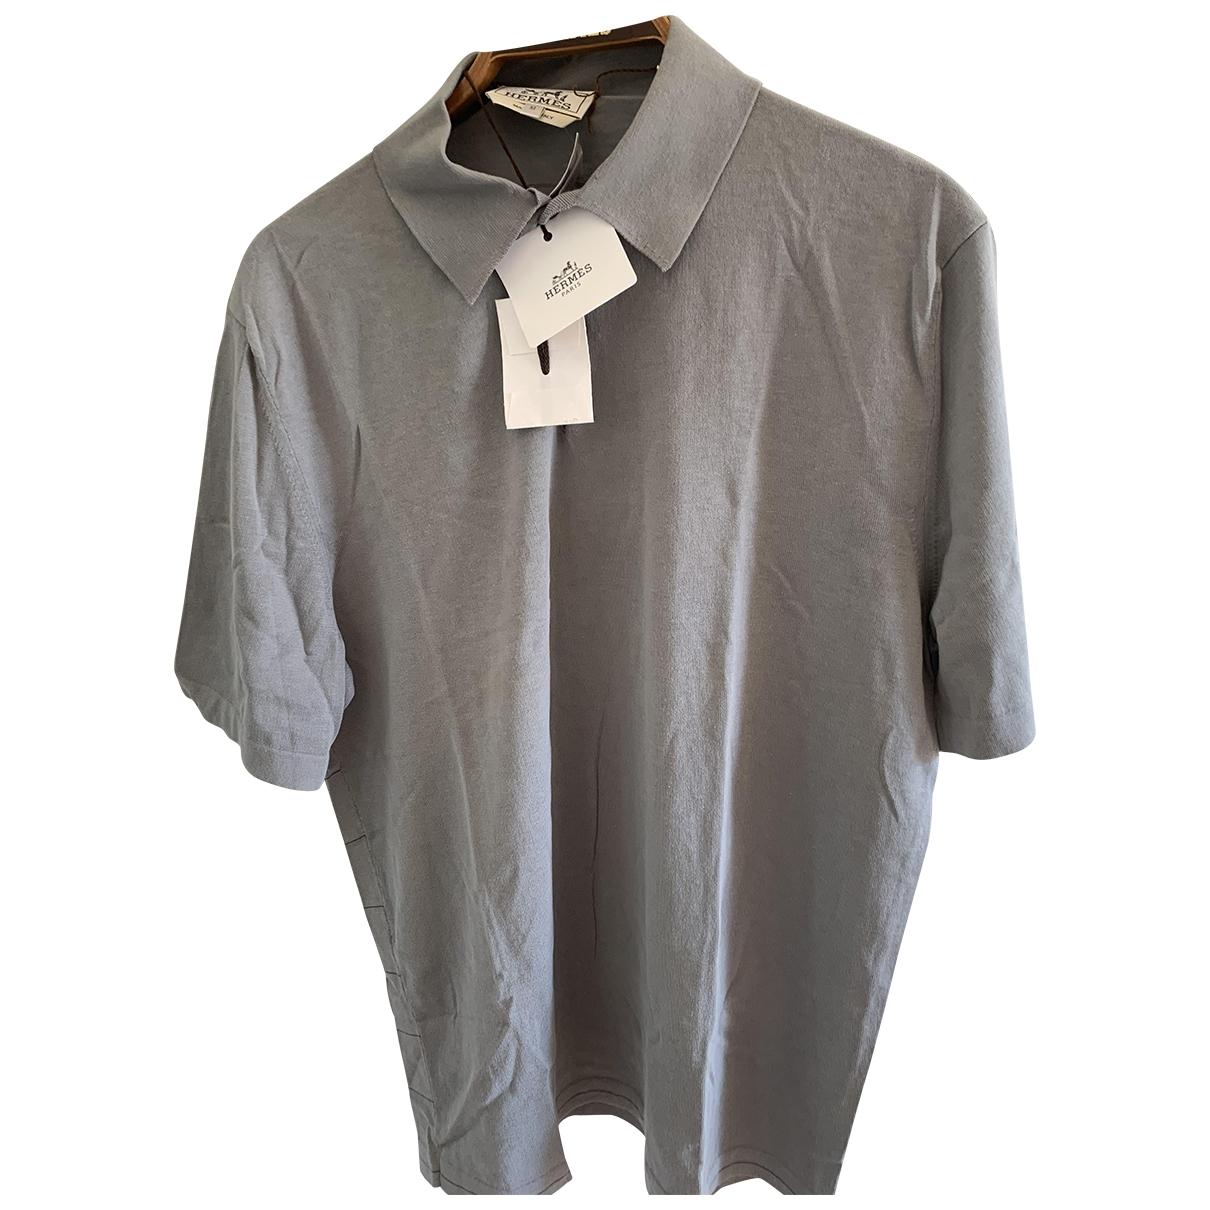 Hermes \N Poloshirts in  Grau Baumwolle